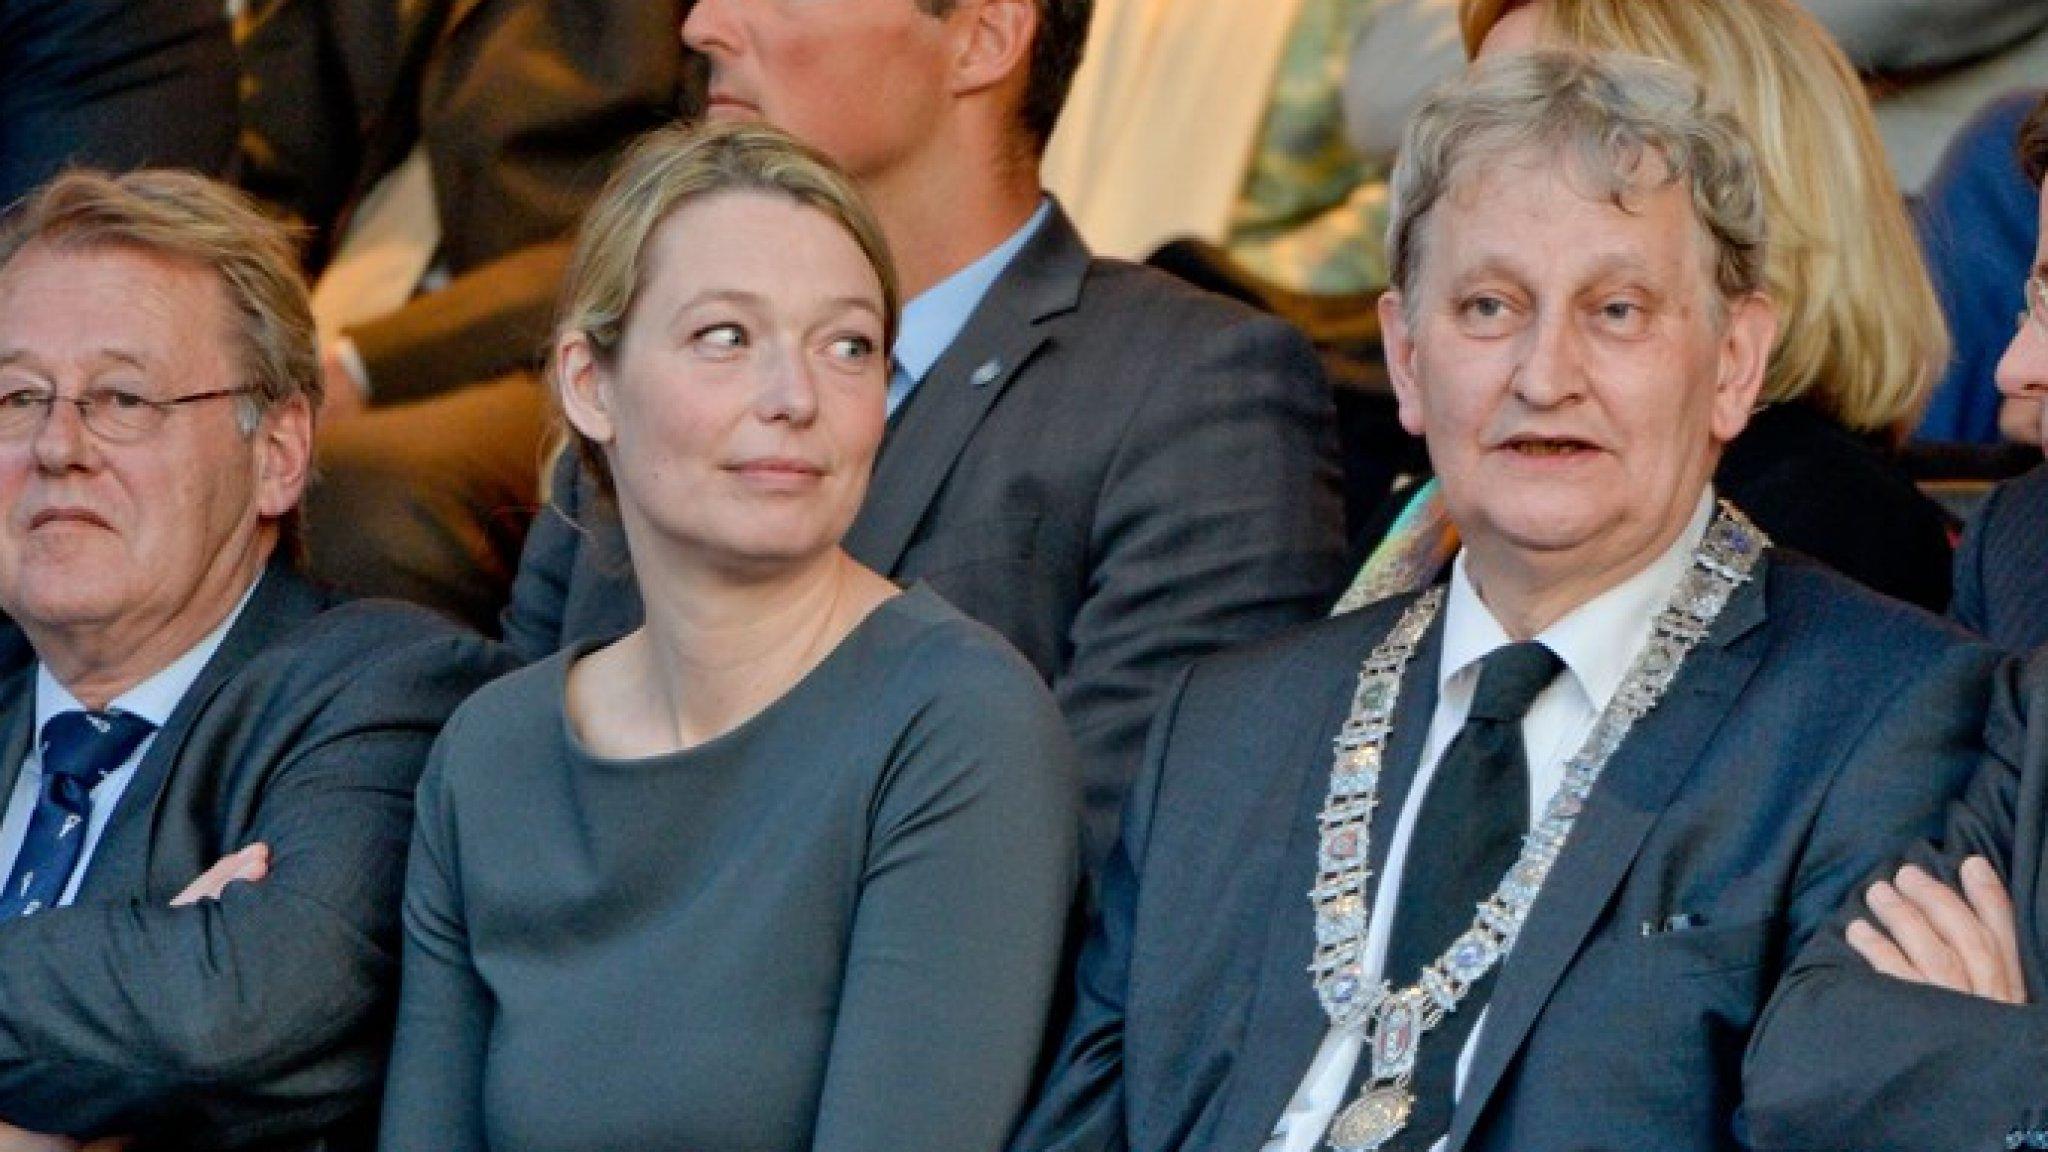 Vrouw Eberhard van der Laan open over verlies | RTL Nieuws